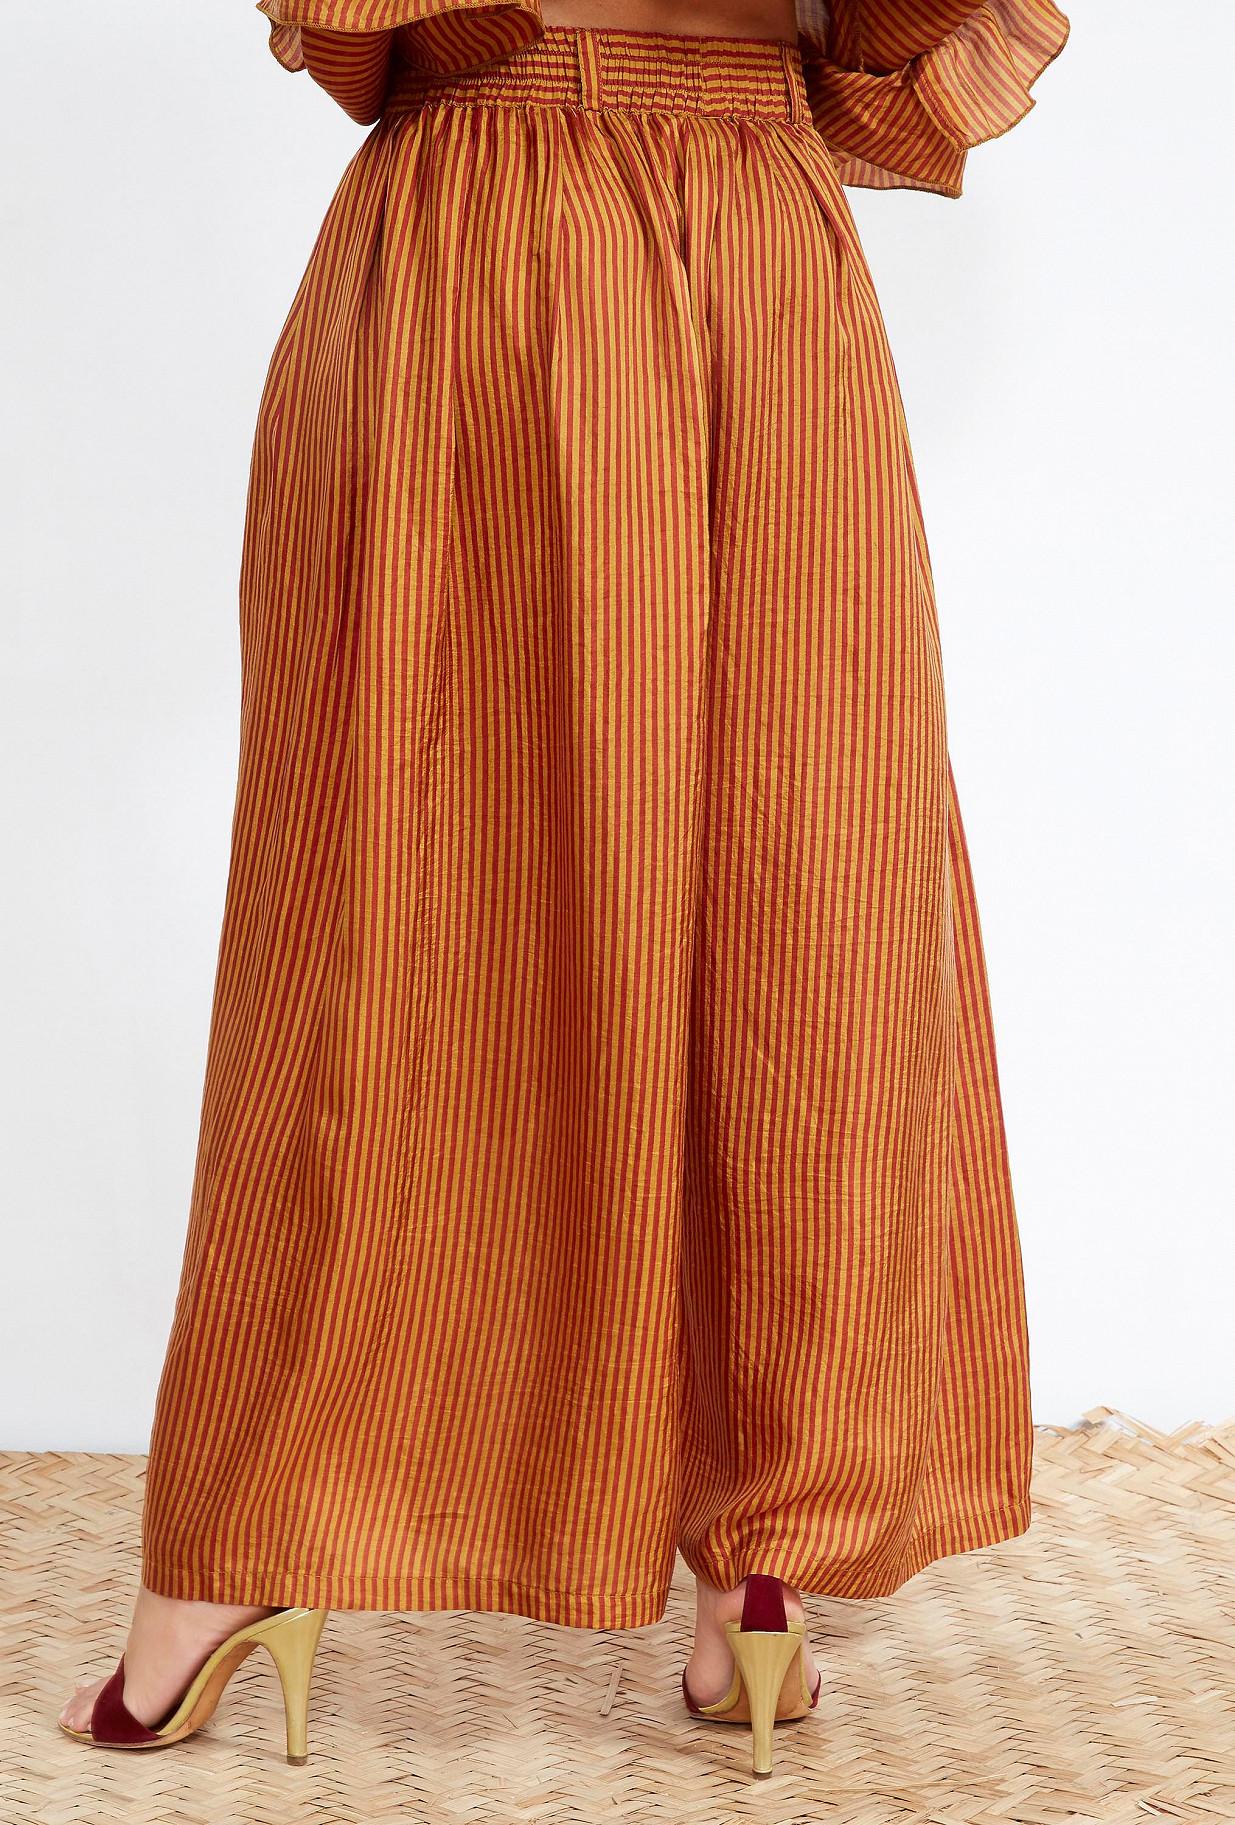 Red stripe  PANTS  Che Mes demoiselles fashion clothes designer Paris